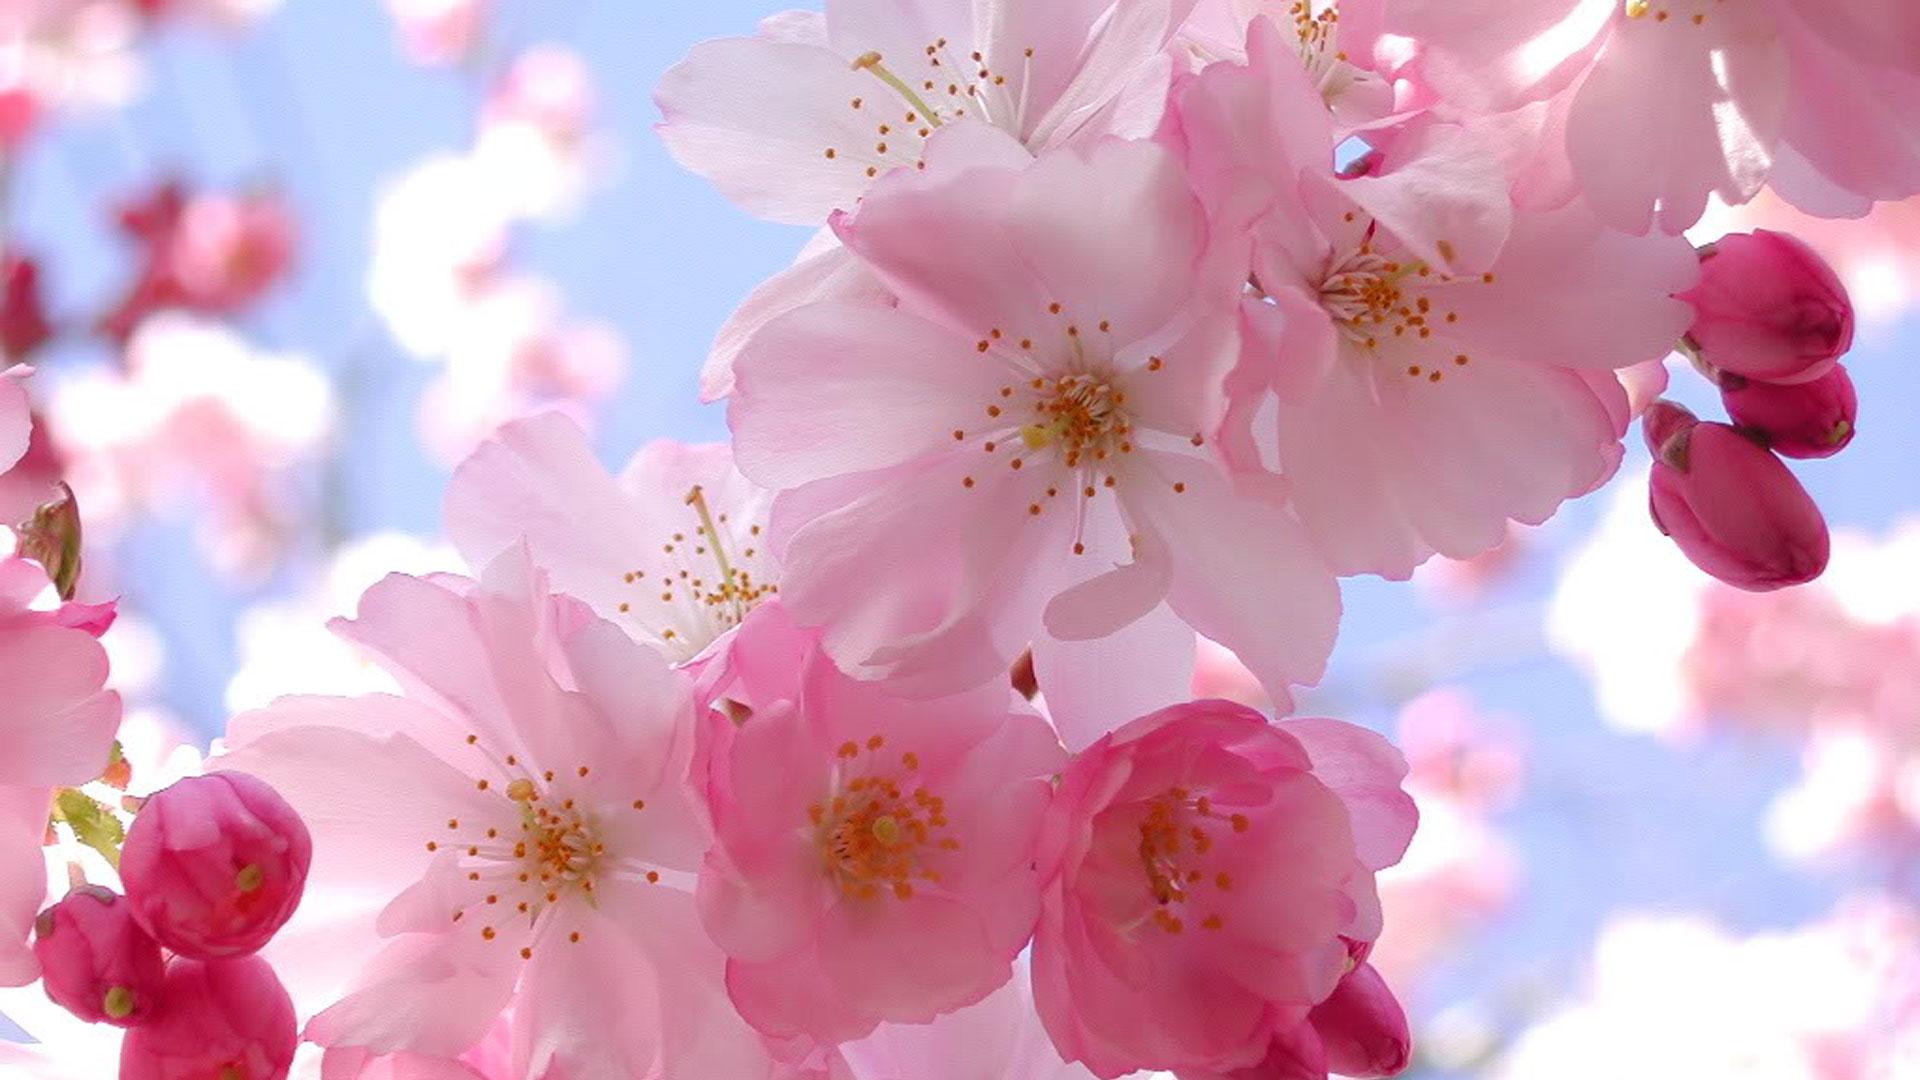 Hình ảnh hoa Anh Đào Nhật Bản đẹp